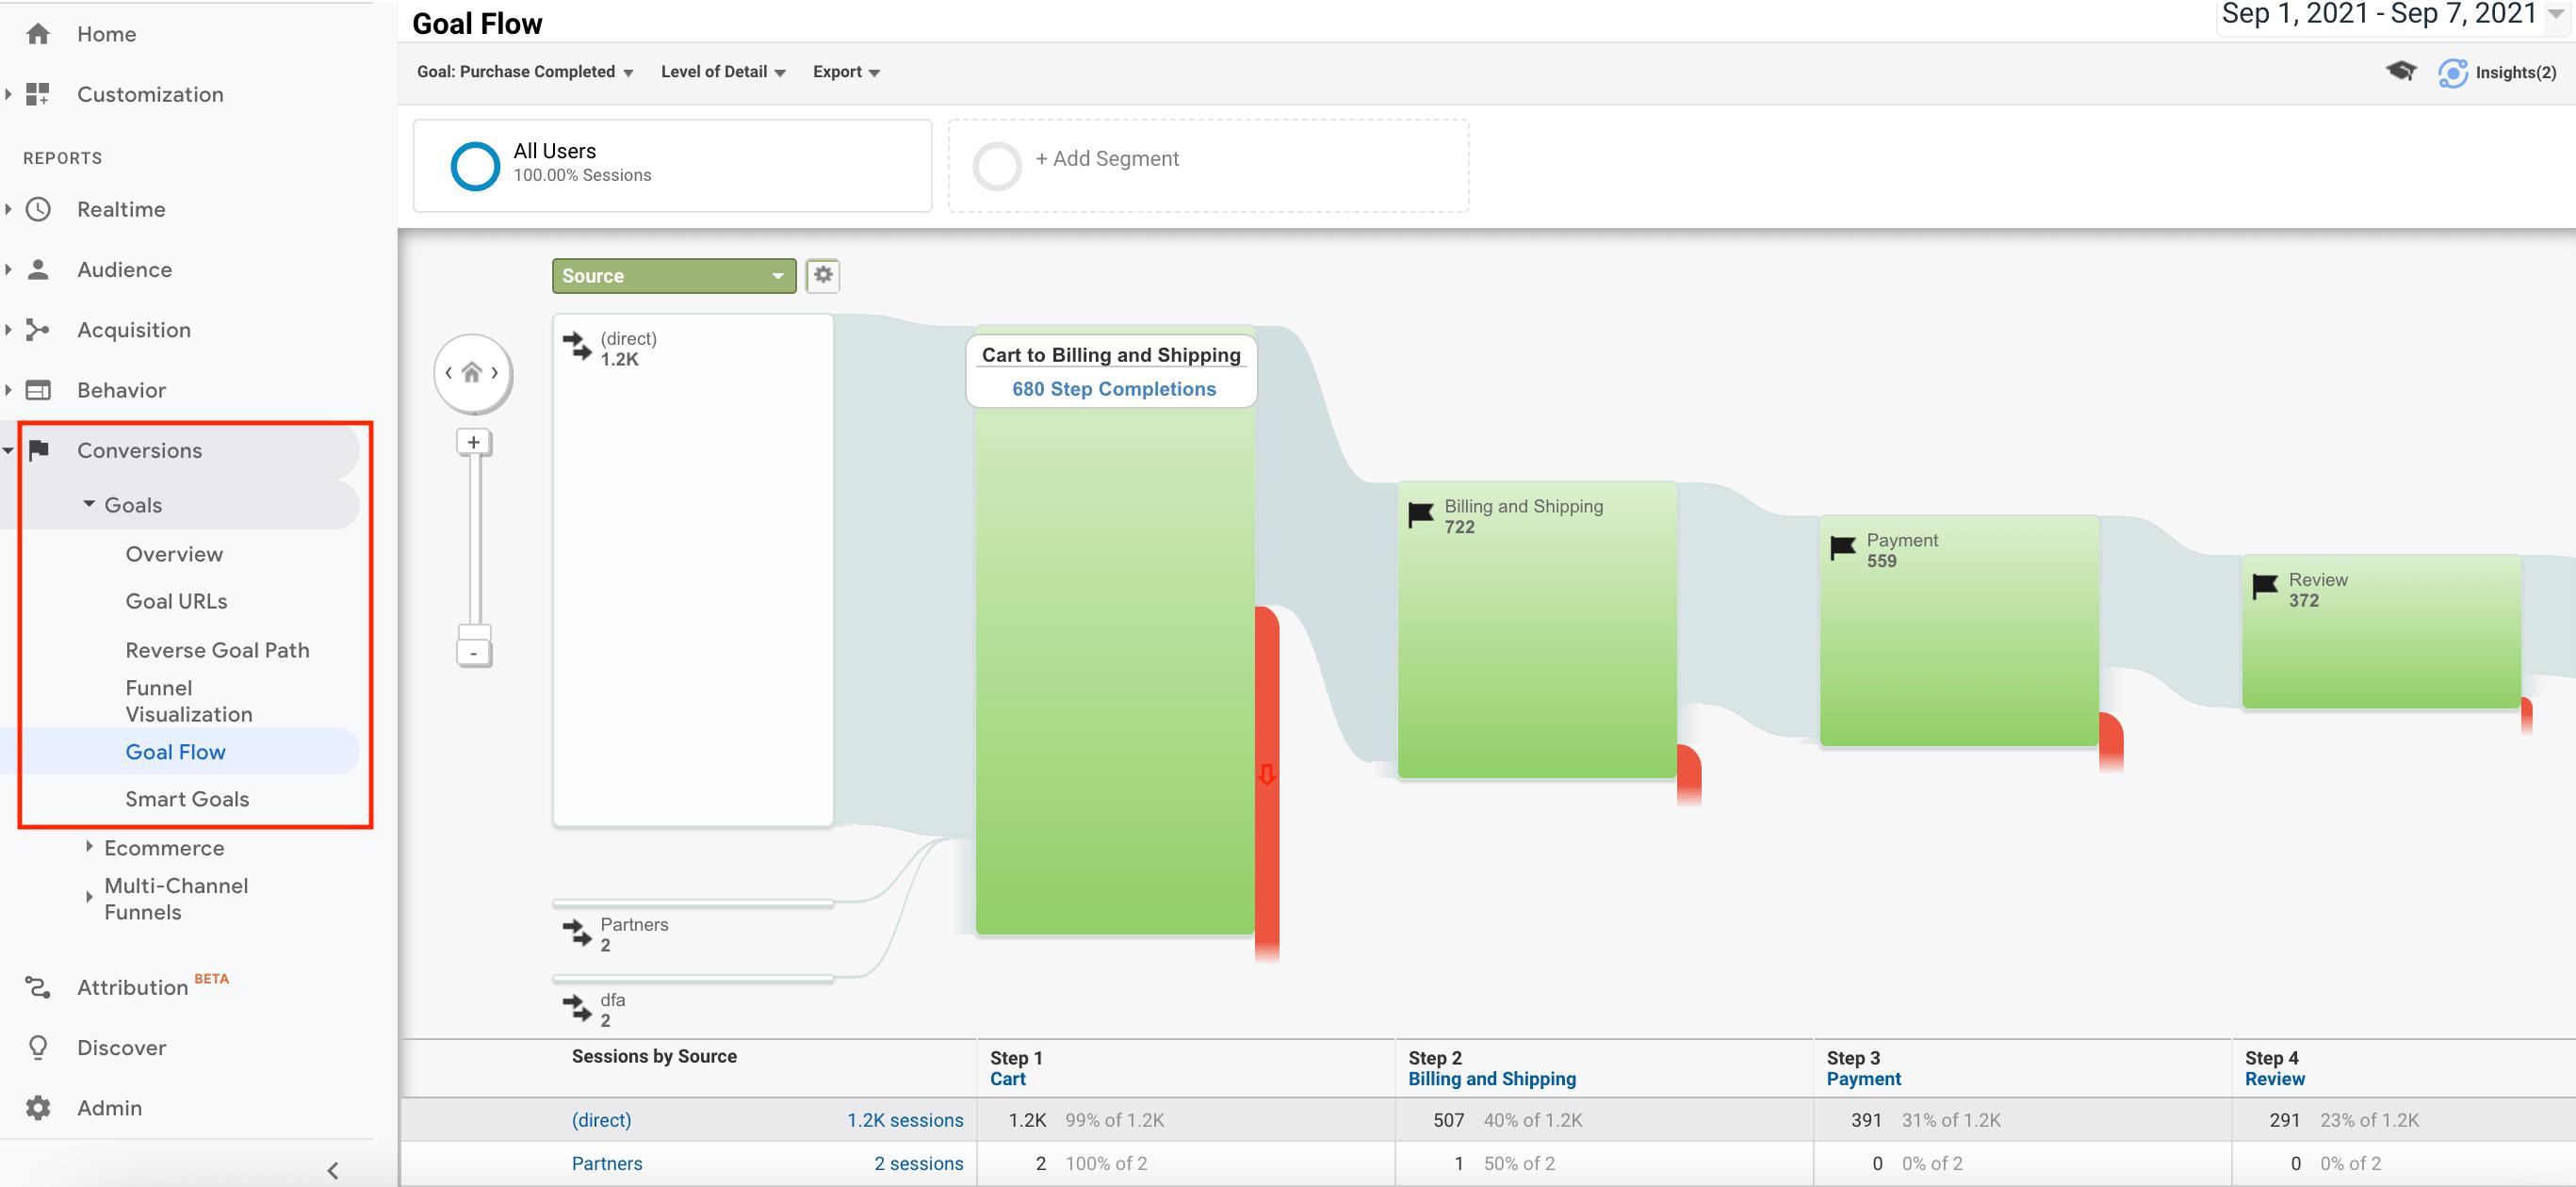 Goal Flow Report in Google Analytics